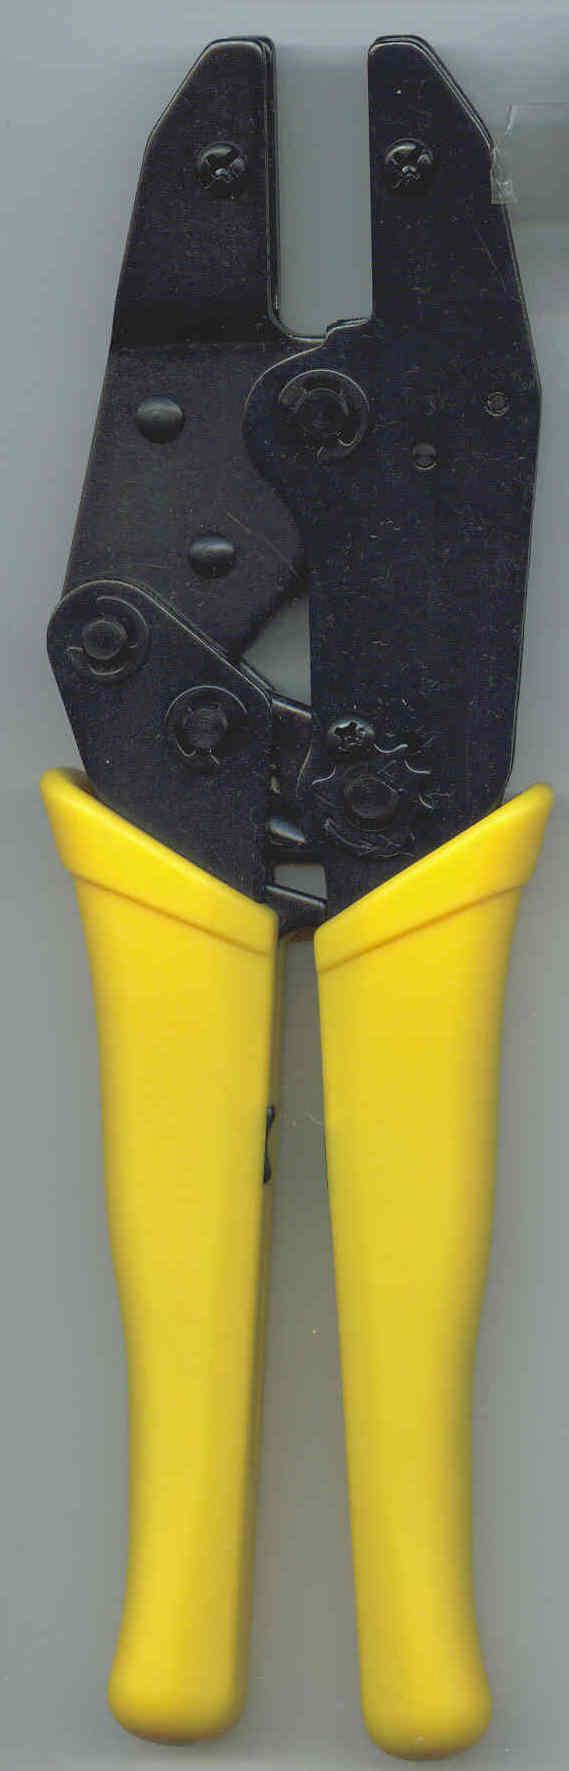 HT-336, Crimp Tool-0